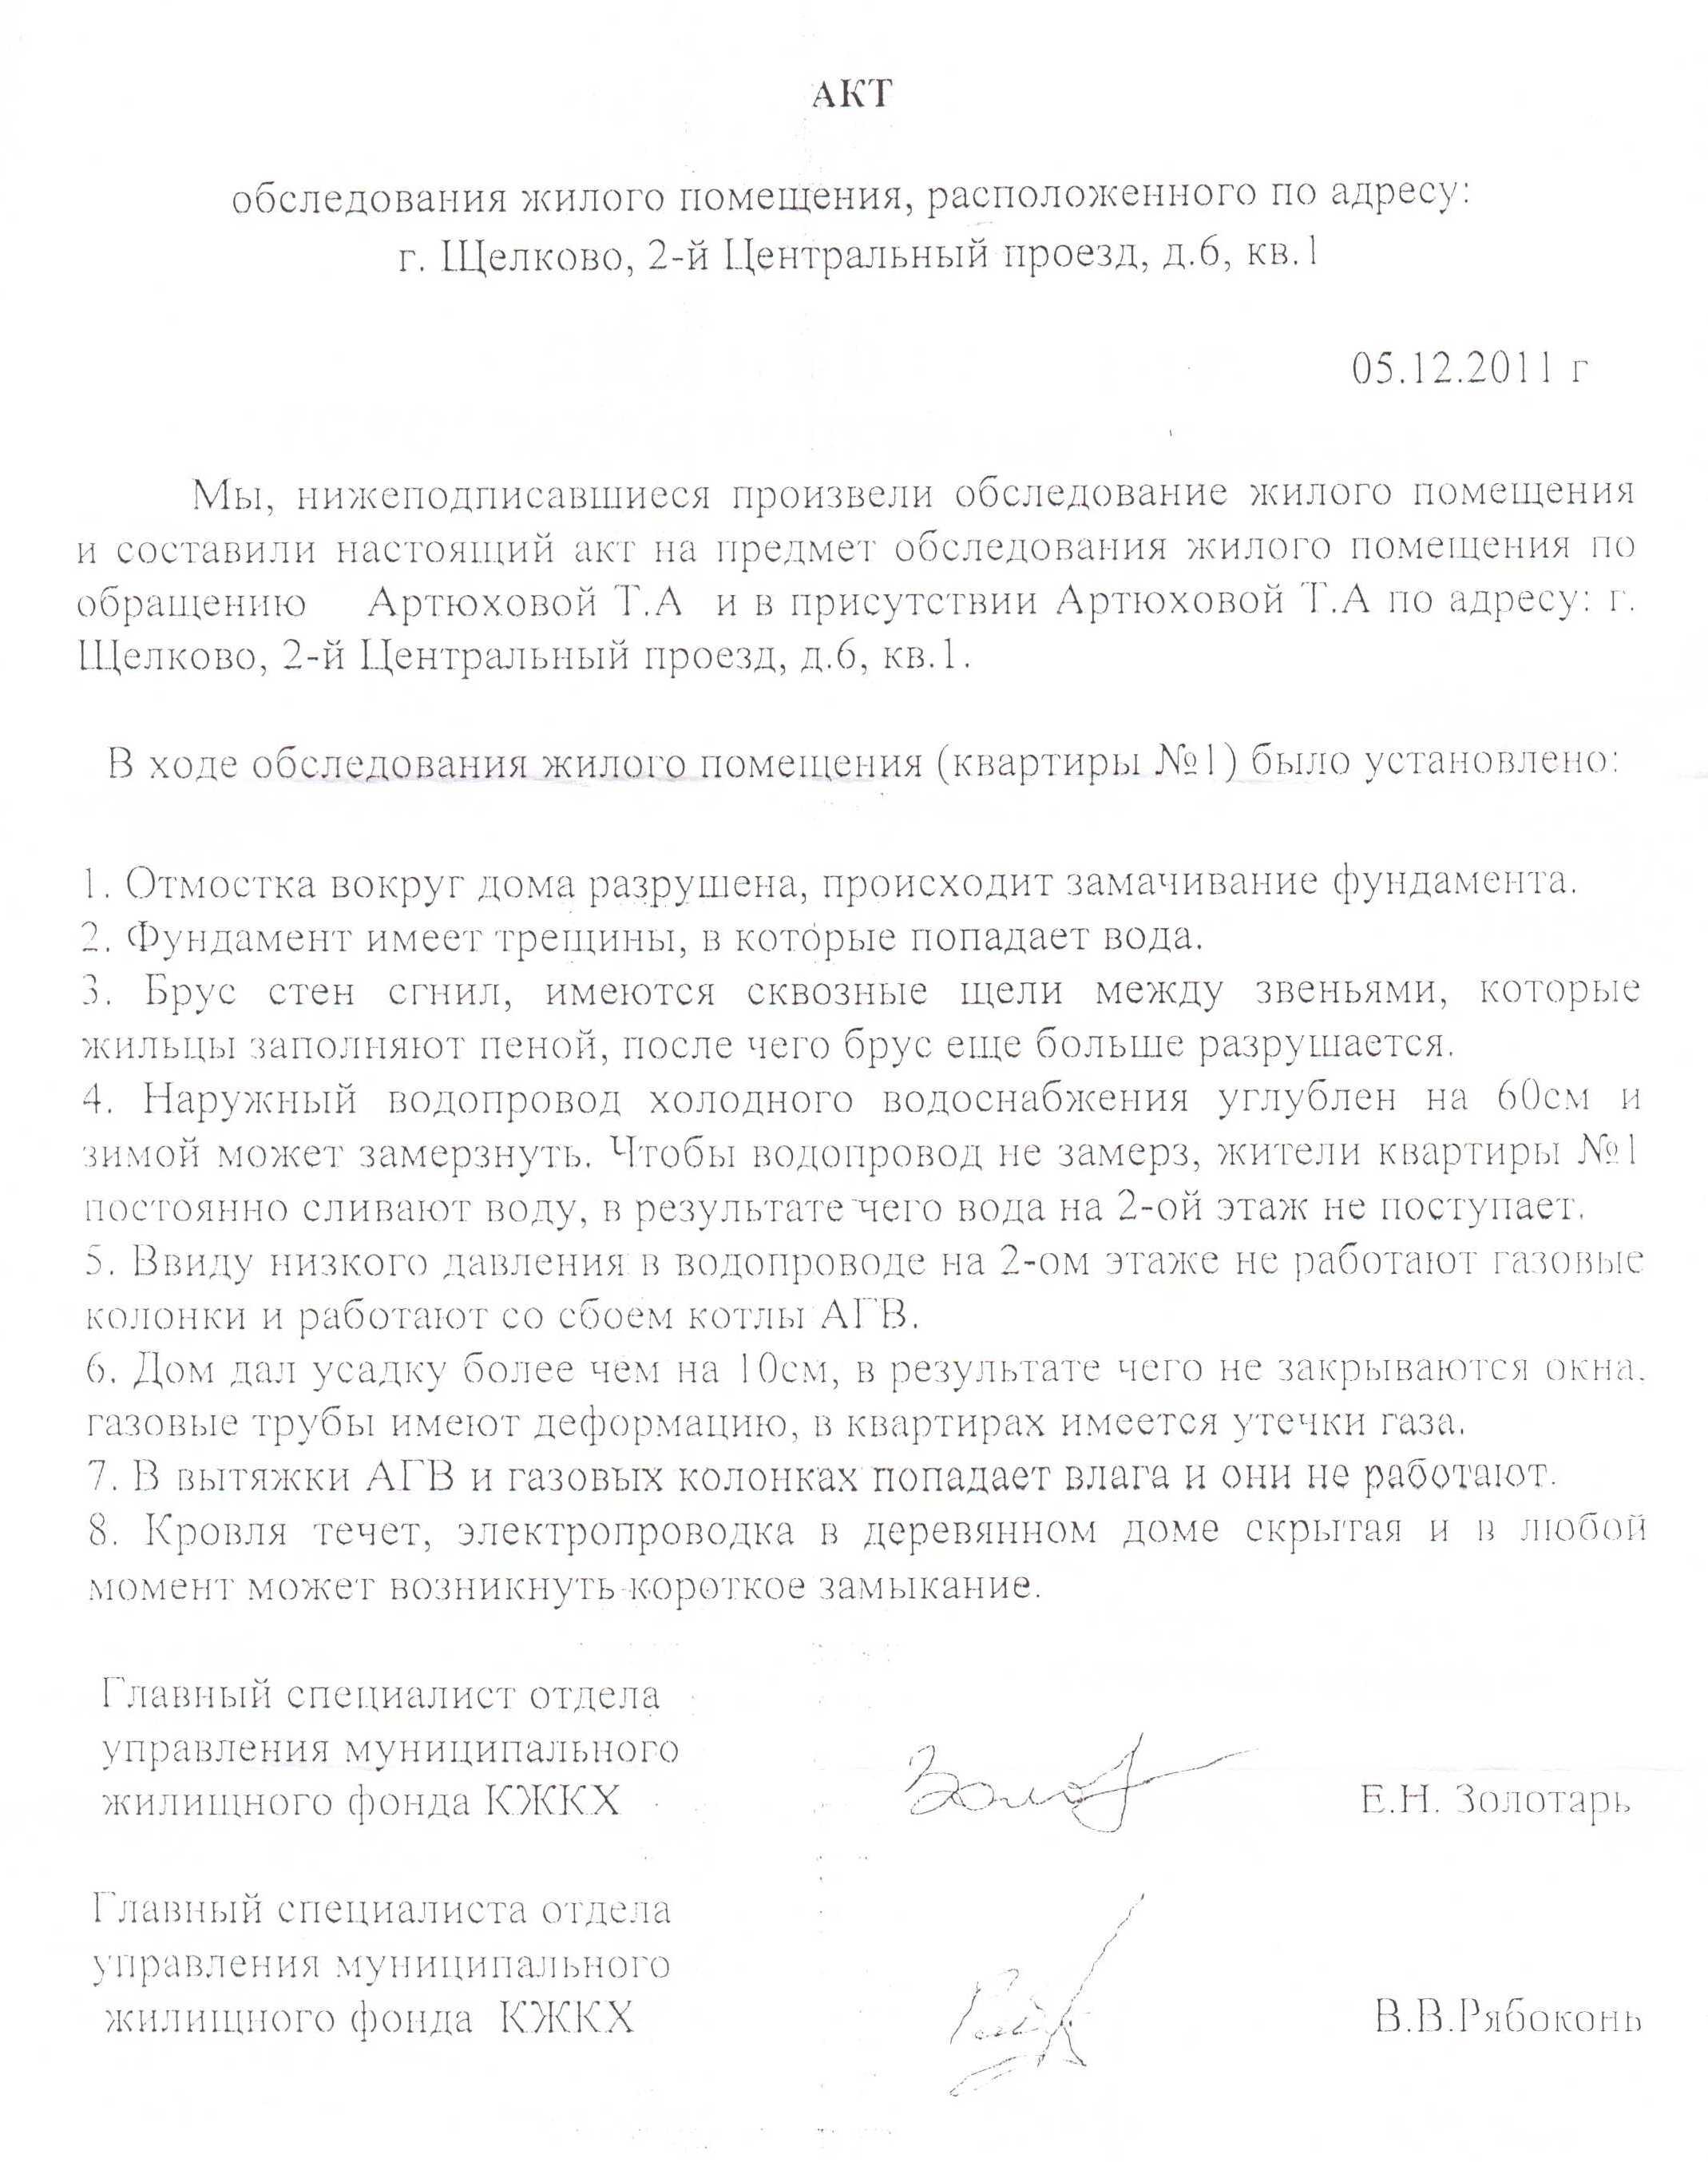 Акт от 11.05.12